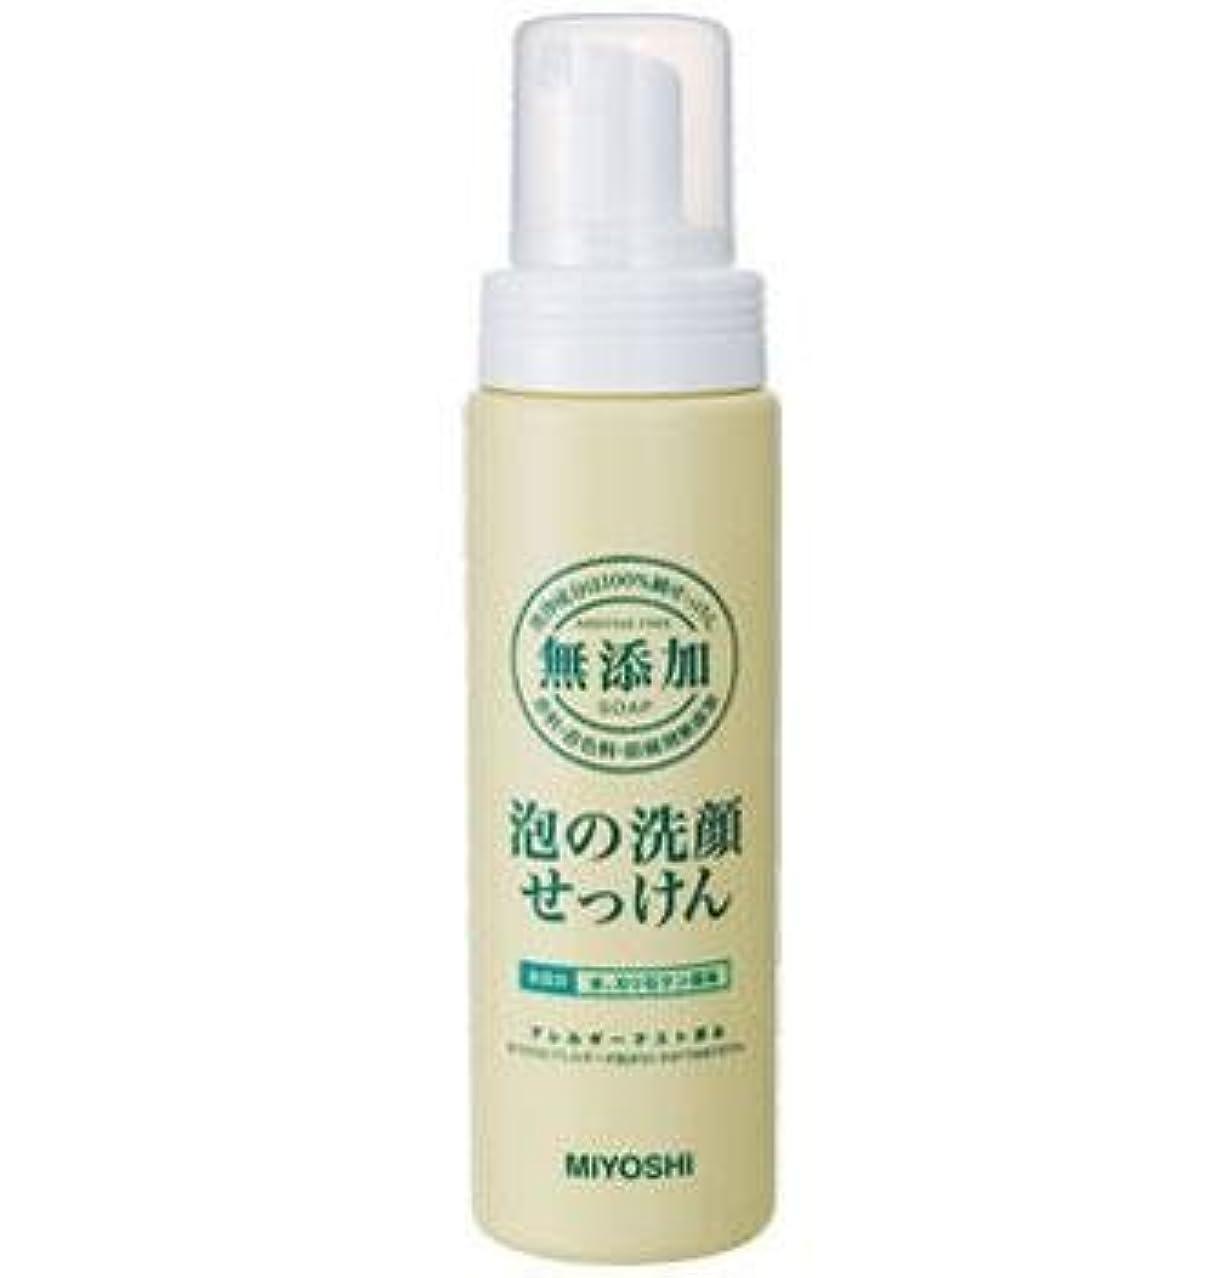 影響する猫背尋ねるミヨシ石鹸 無添加 泡の洗顔せっけん ポンプ 200ml(無添加石鹸)×24点セット (4537130120019)